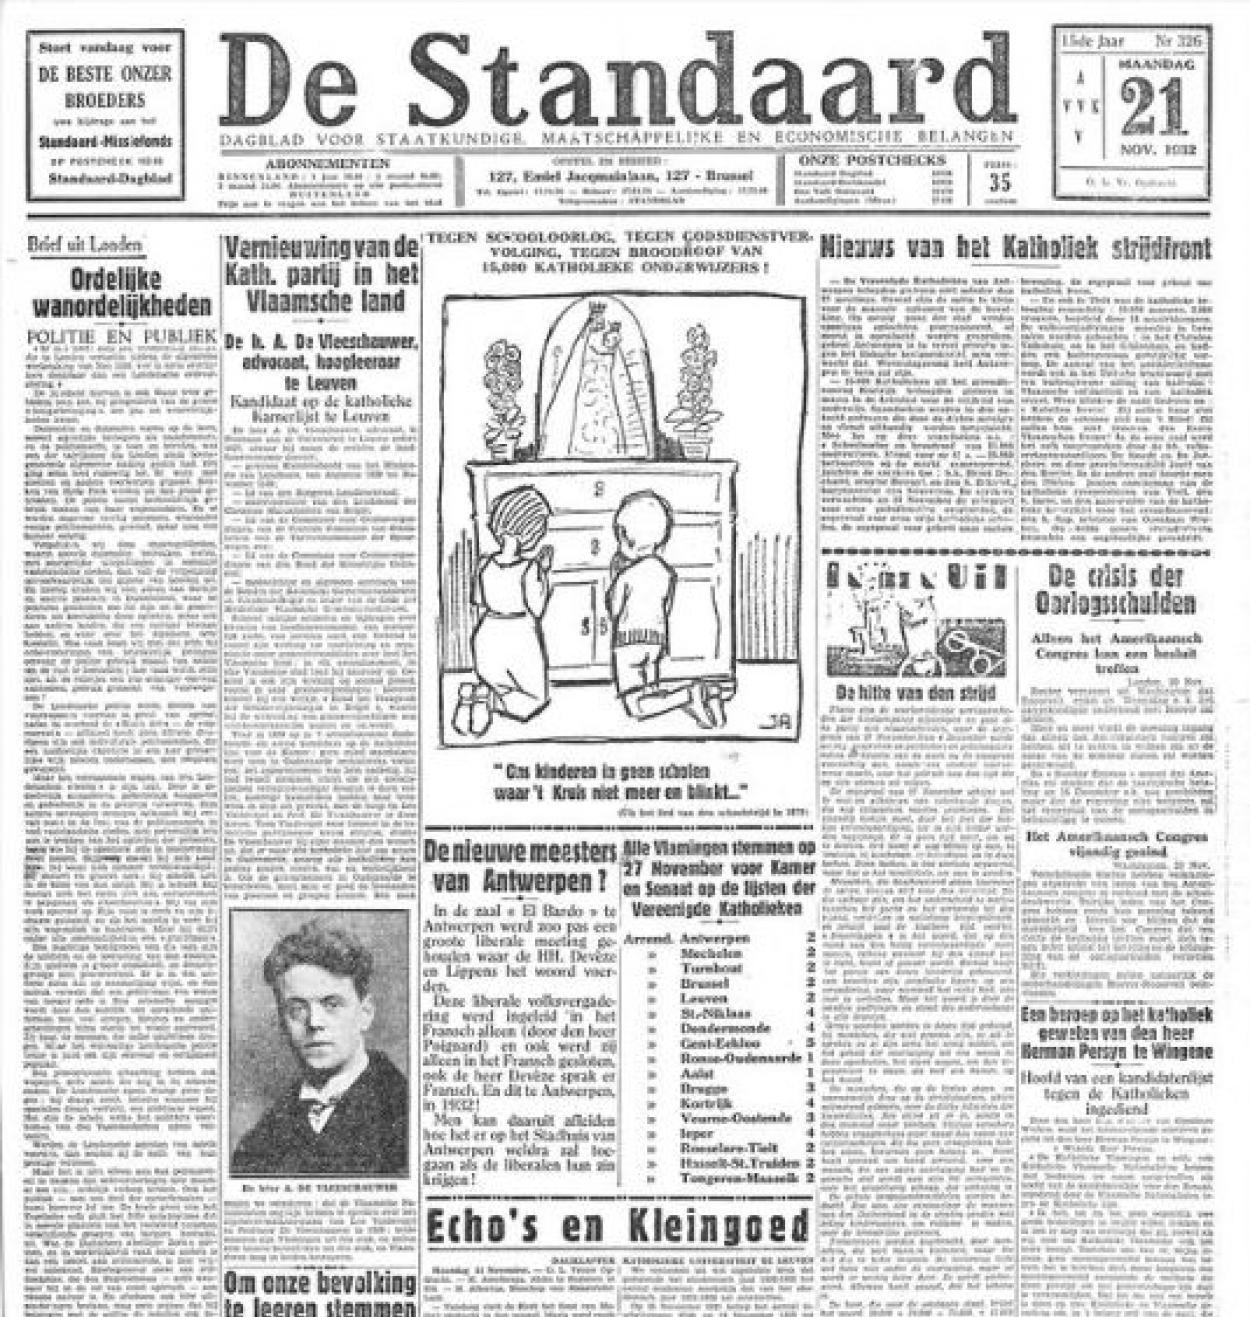 de-standaard-21-11-1932.jpg